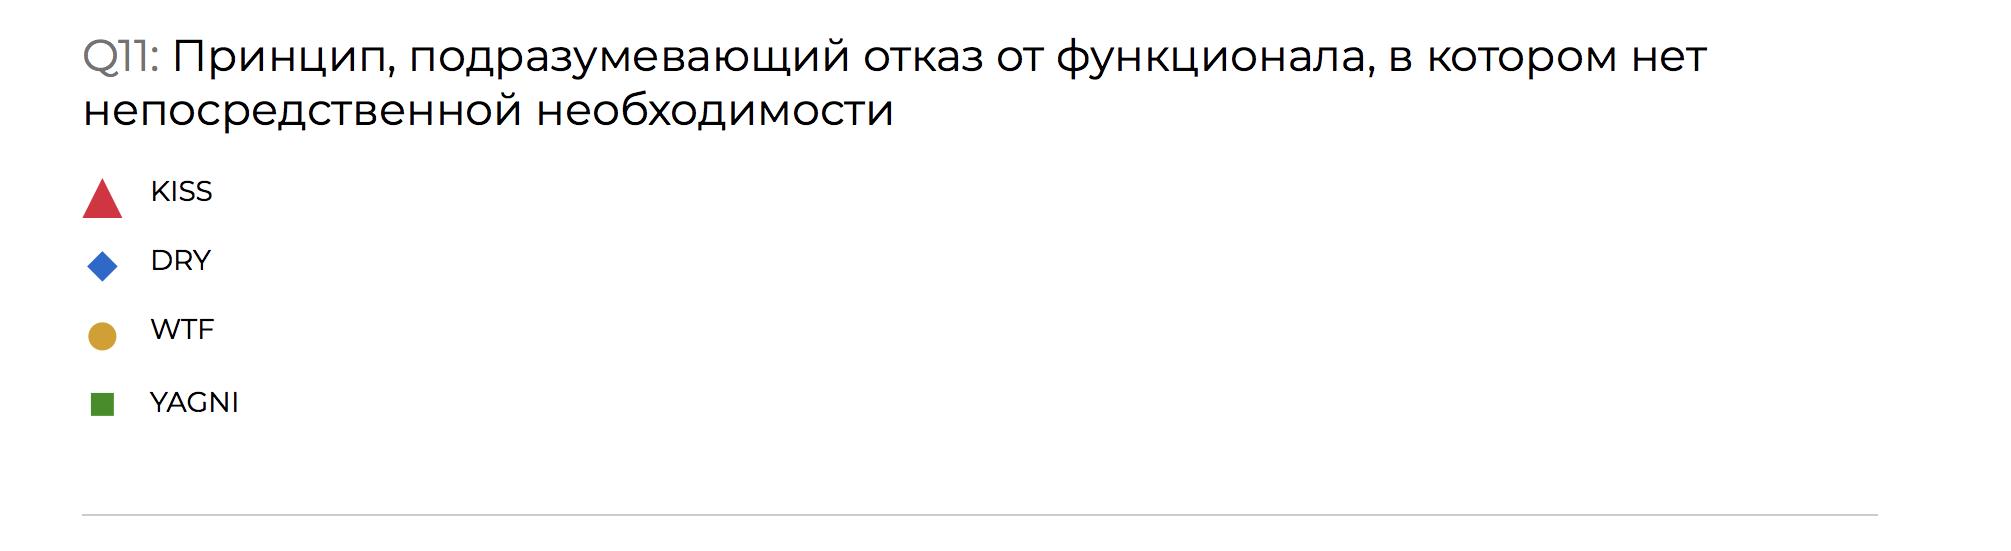 Разбор конкурса-квиза по Android со стенда HeadHunter на Mobius 2018 Moscow - 24